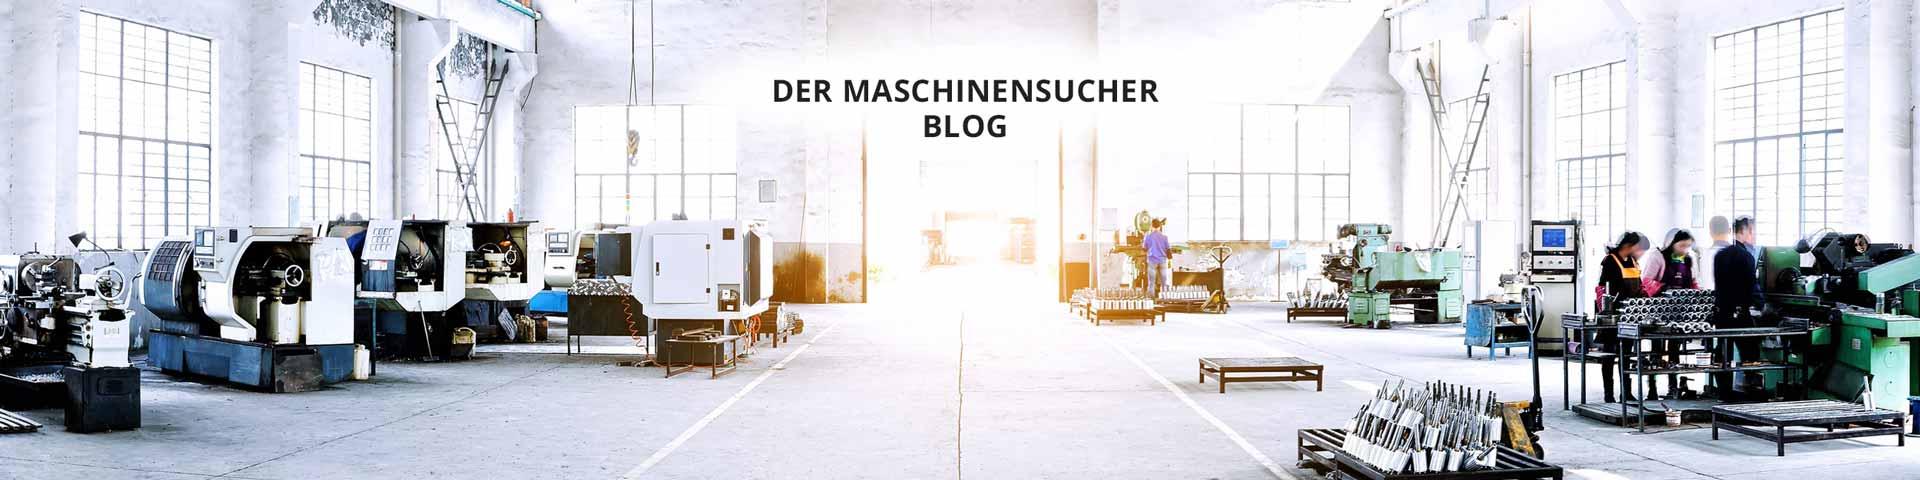 Maschinensucher Blog